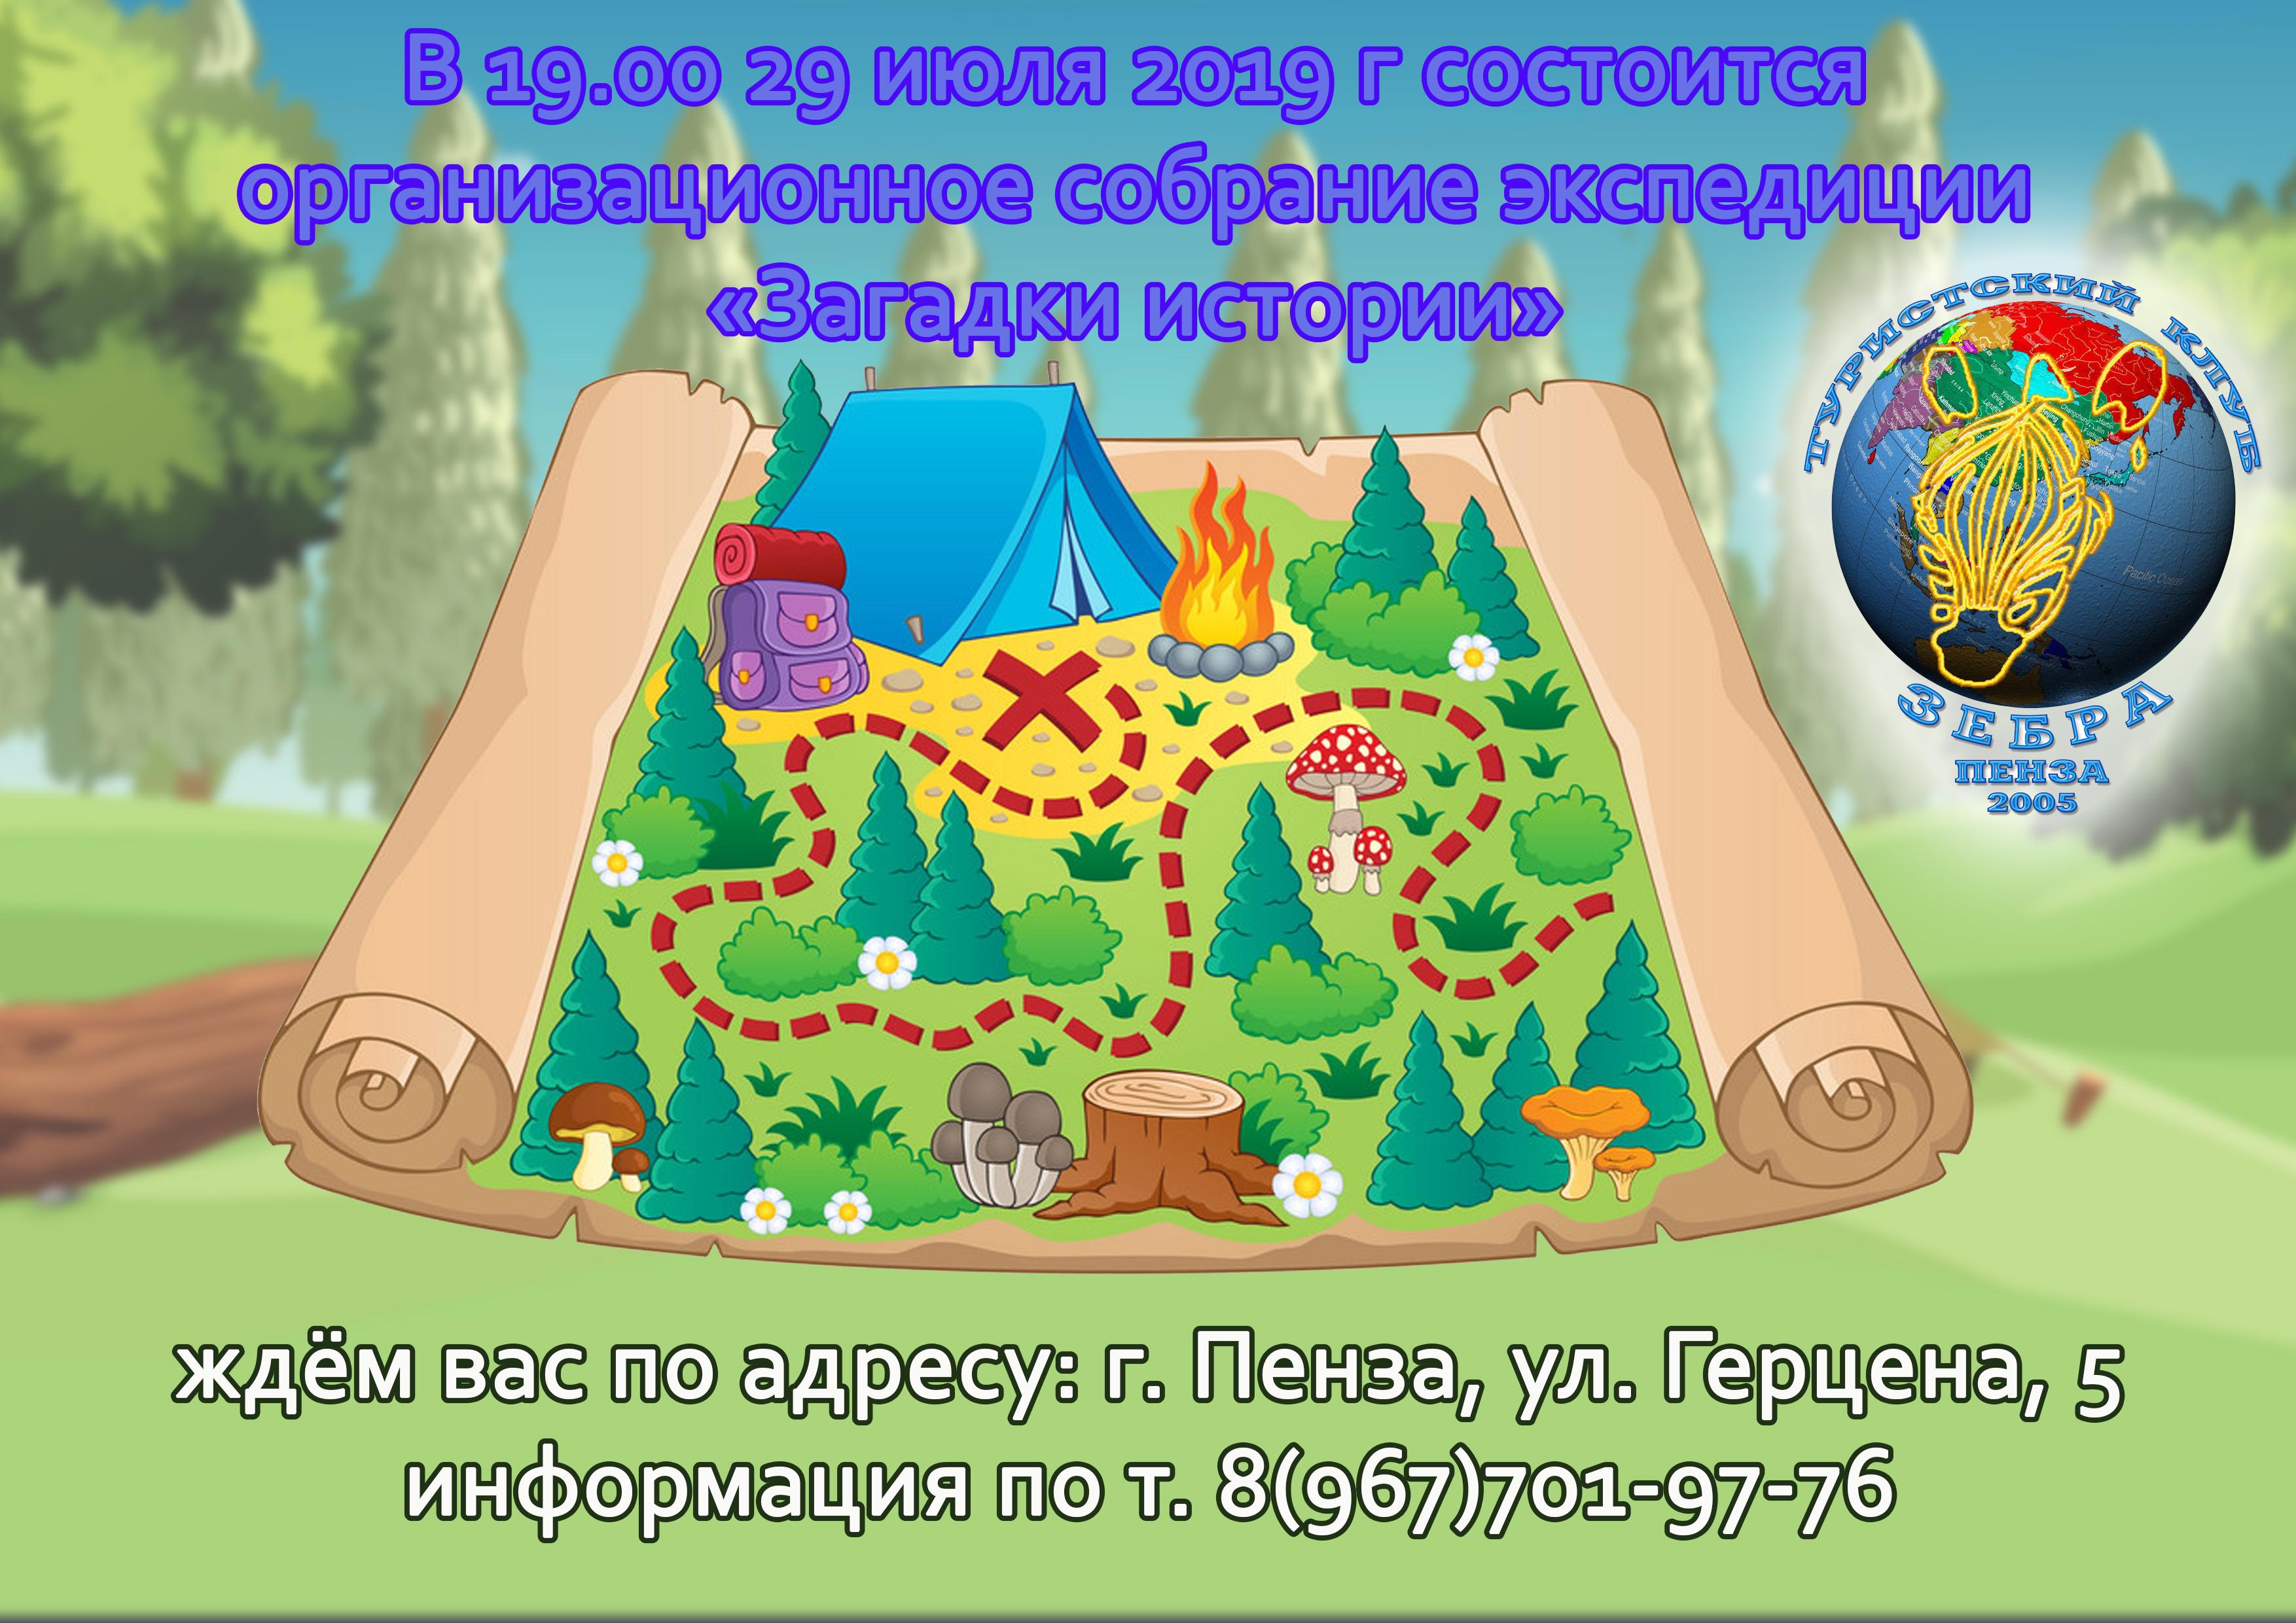 Объявлени об оргсобрании экспедиции-2019